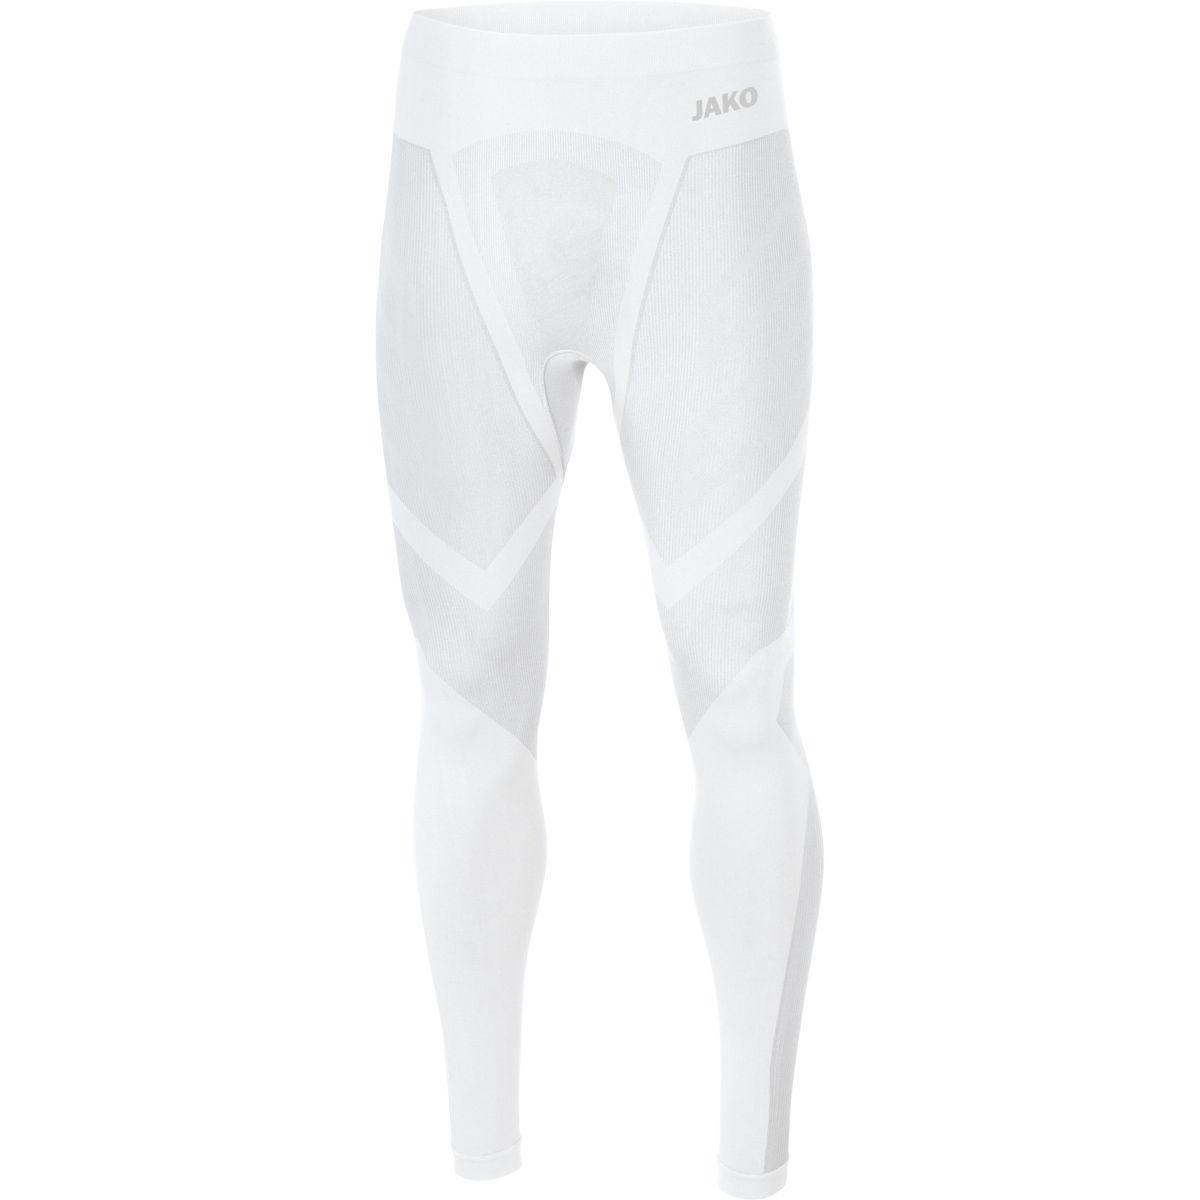 Afbeeldingen van Underwear long tight